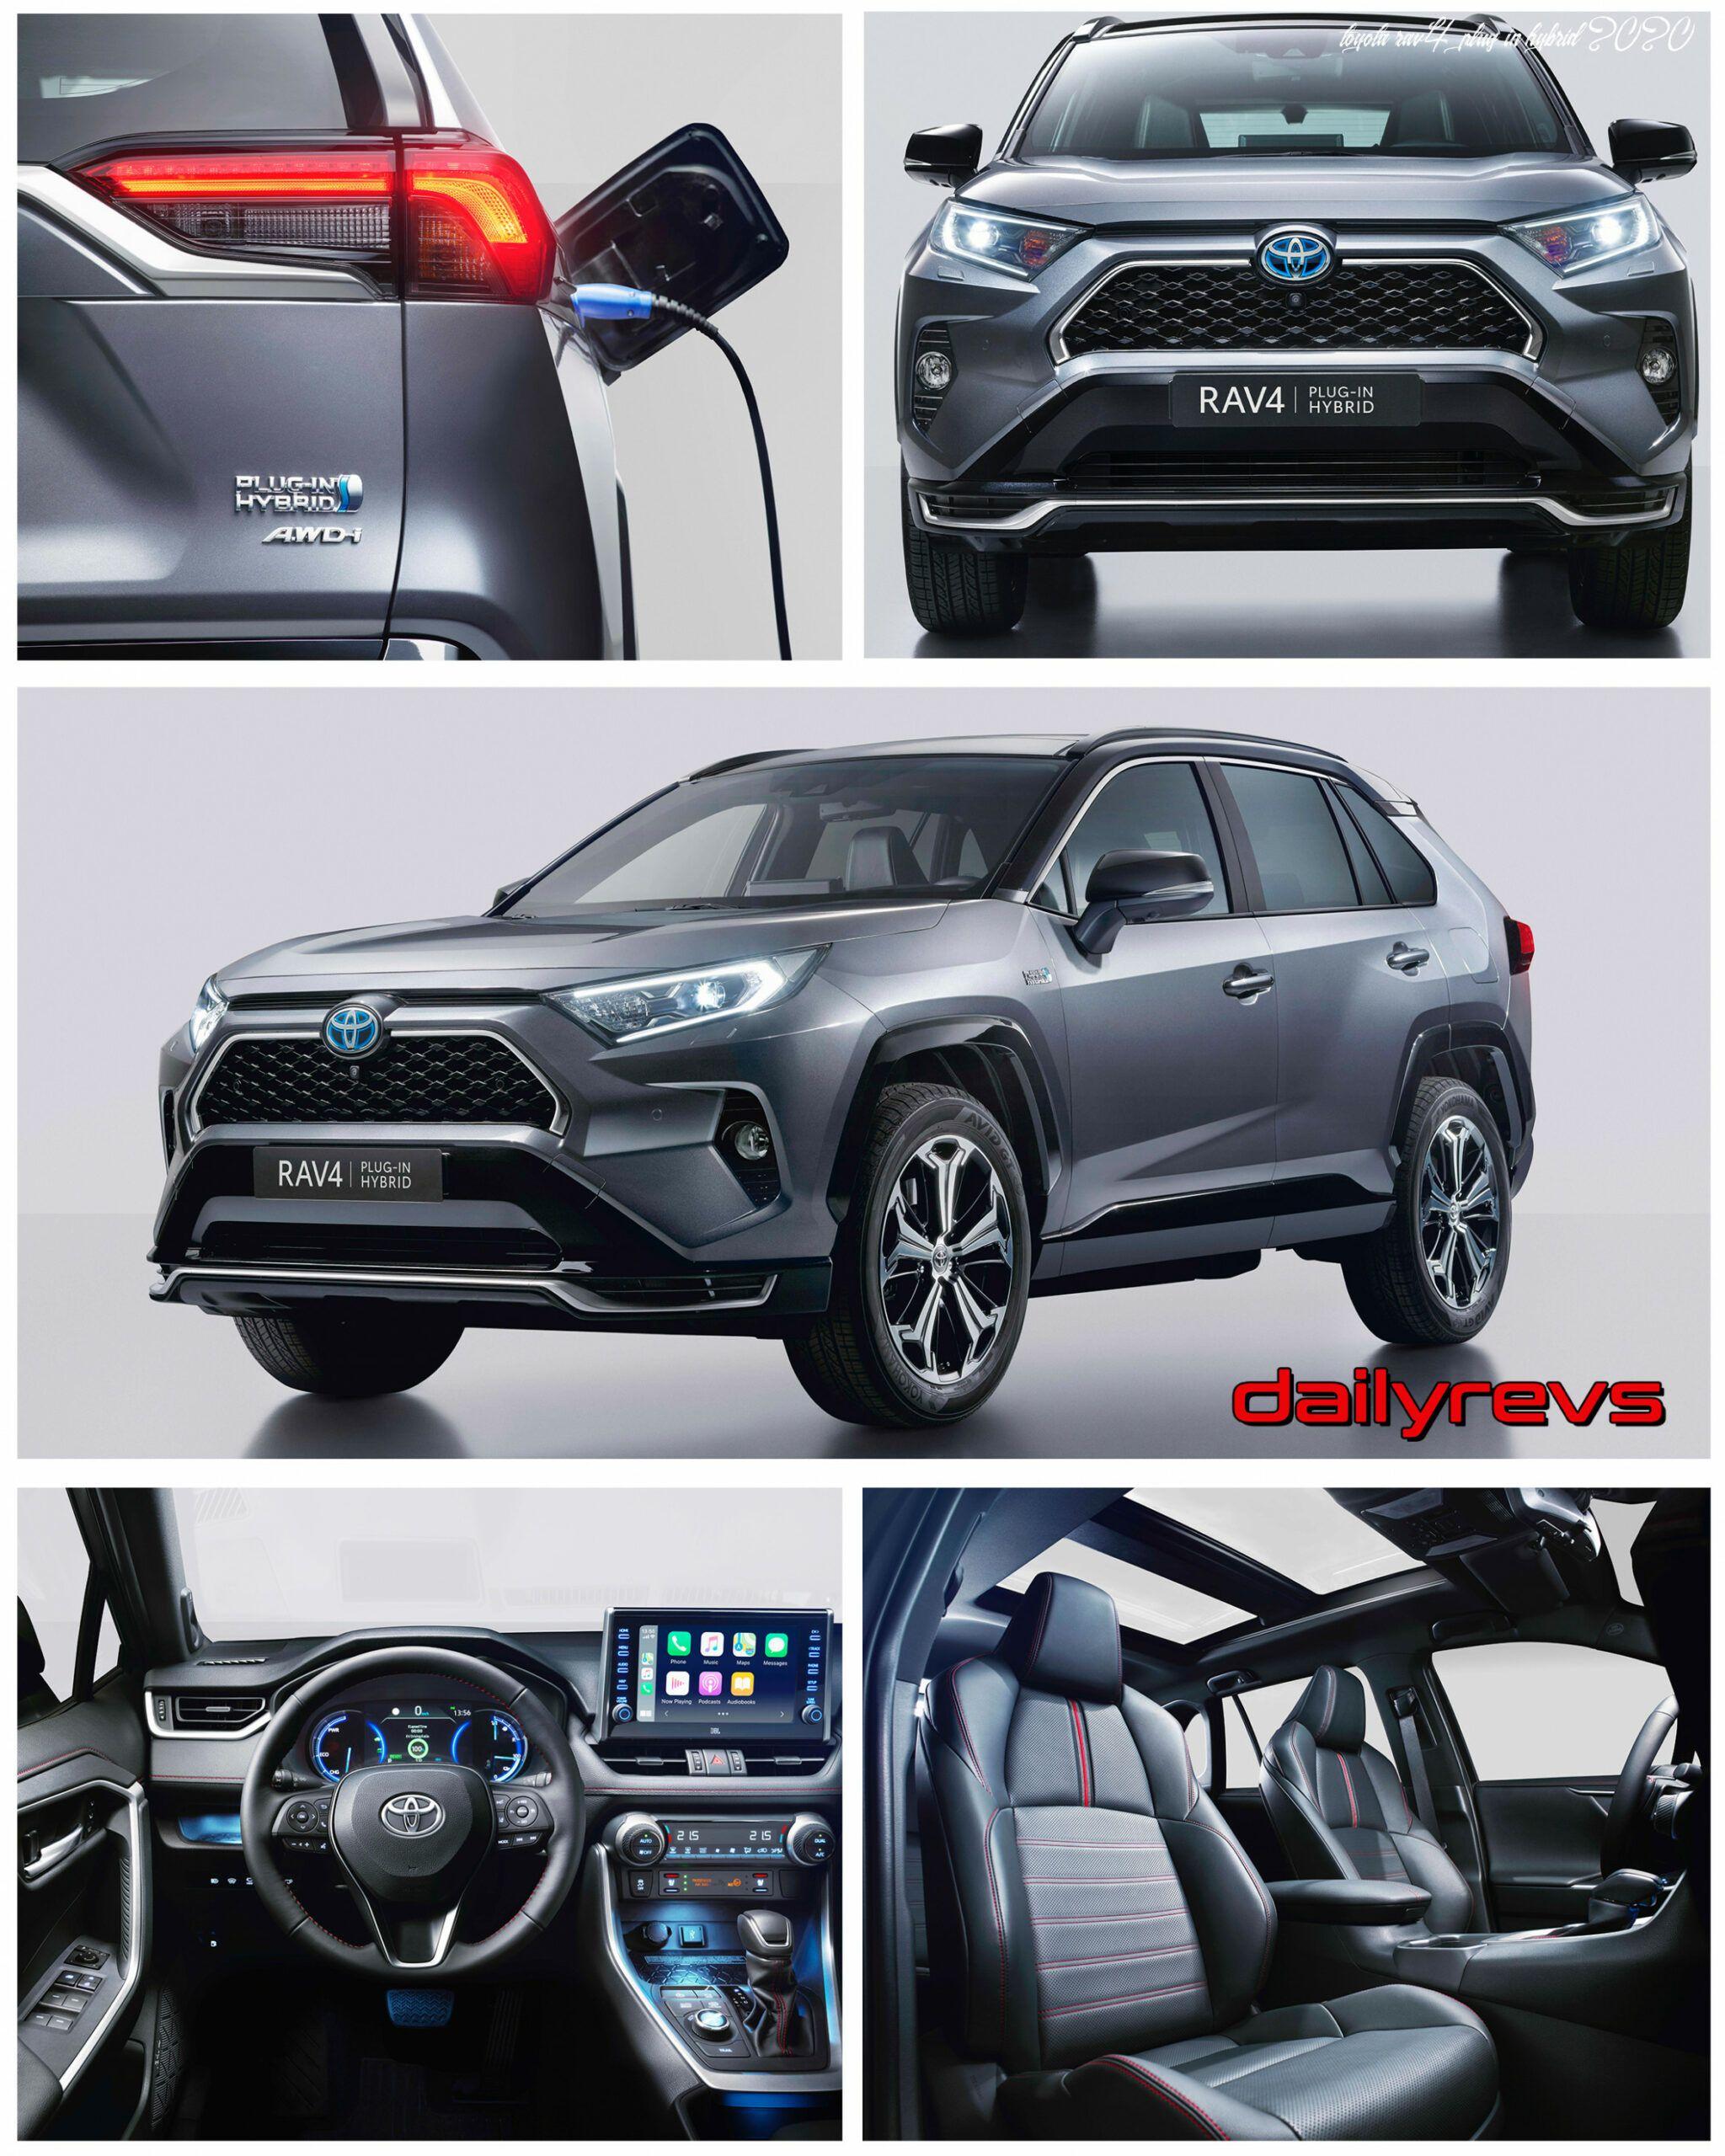 Toyota Rav4 Plug In Hybrid 2020 In 2020 Rav4 Hybrid Rav4 Toyota